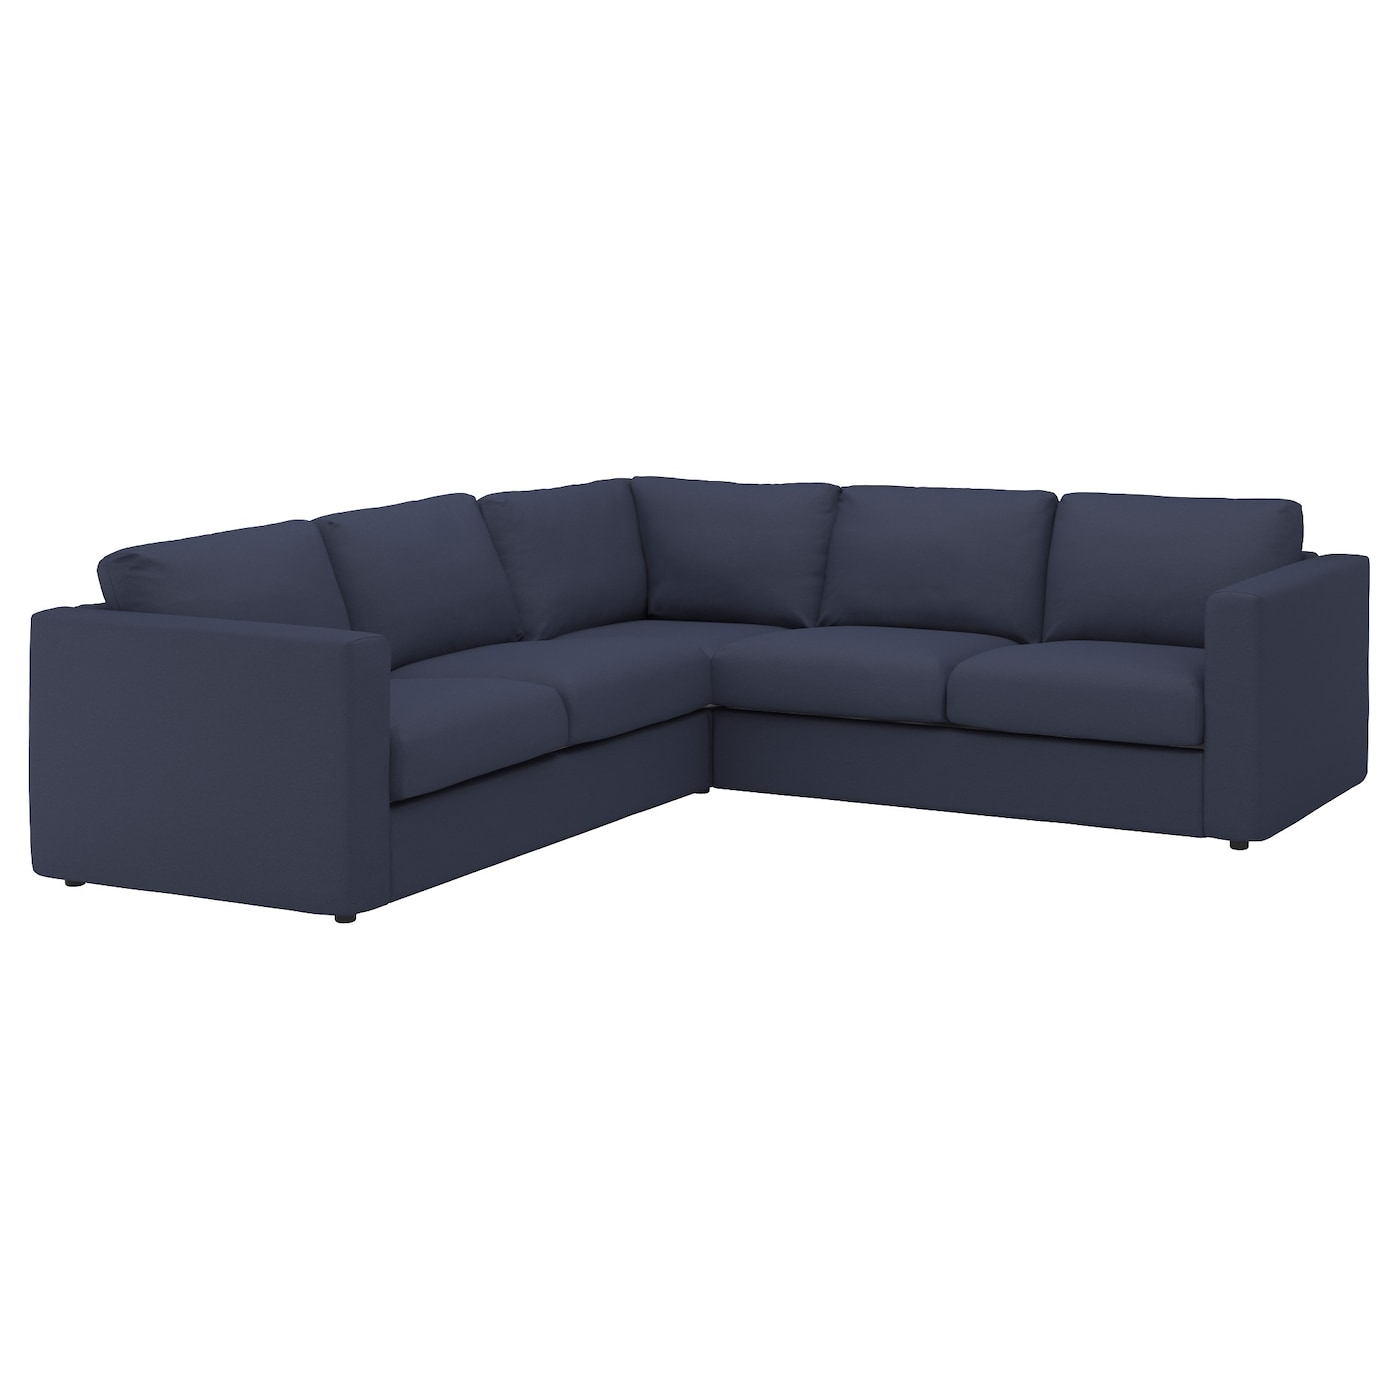 vimle canapé d'angle, 4 places orrsta bleu noir - ikea